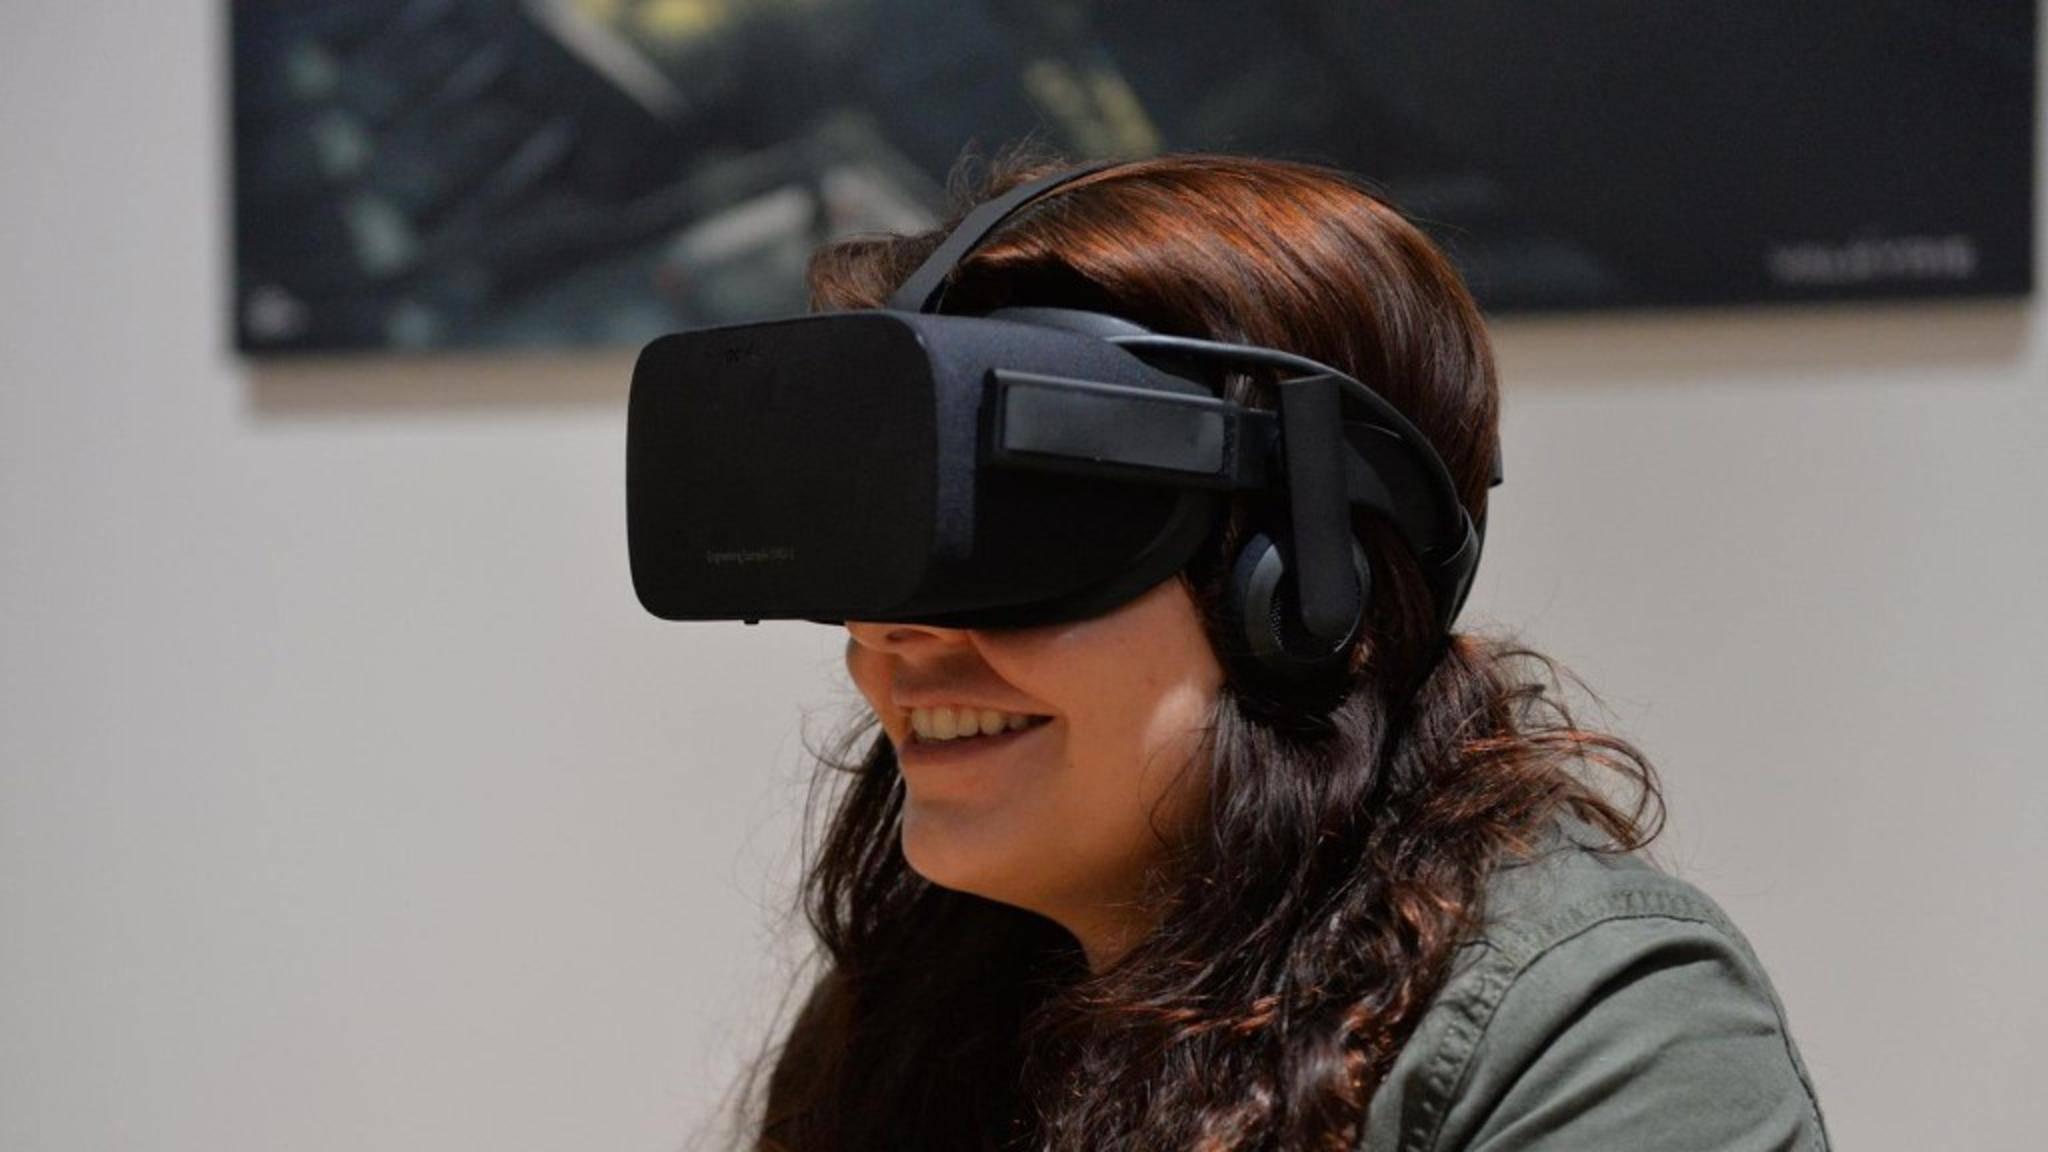 Ein abgelaufenes Sicherheitszertifikat hat die Oculus Rift lahmgelegt.